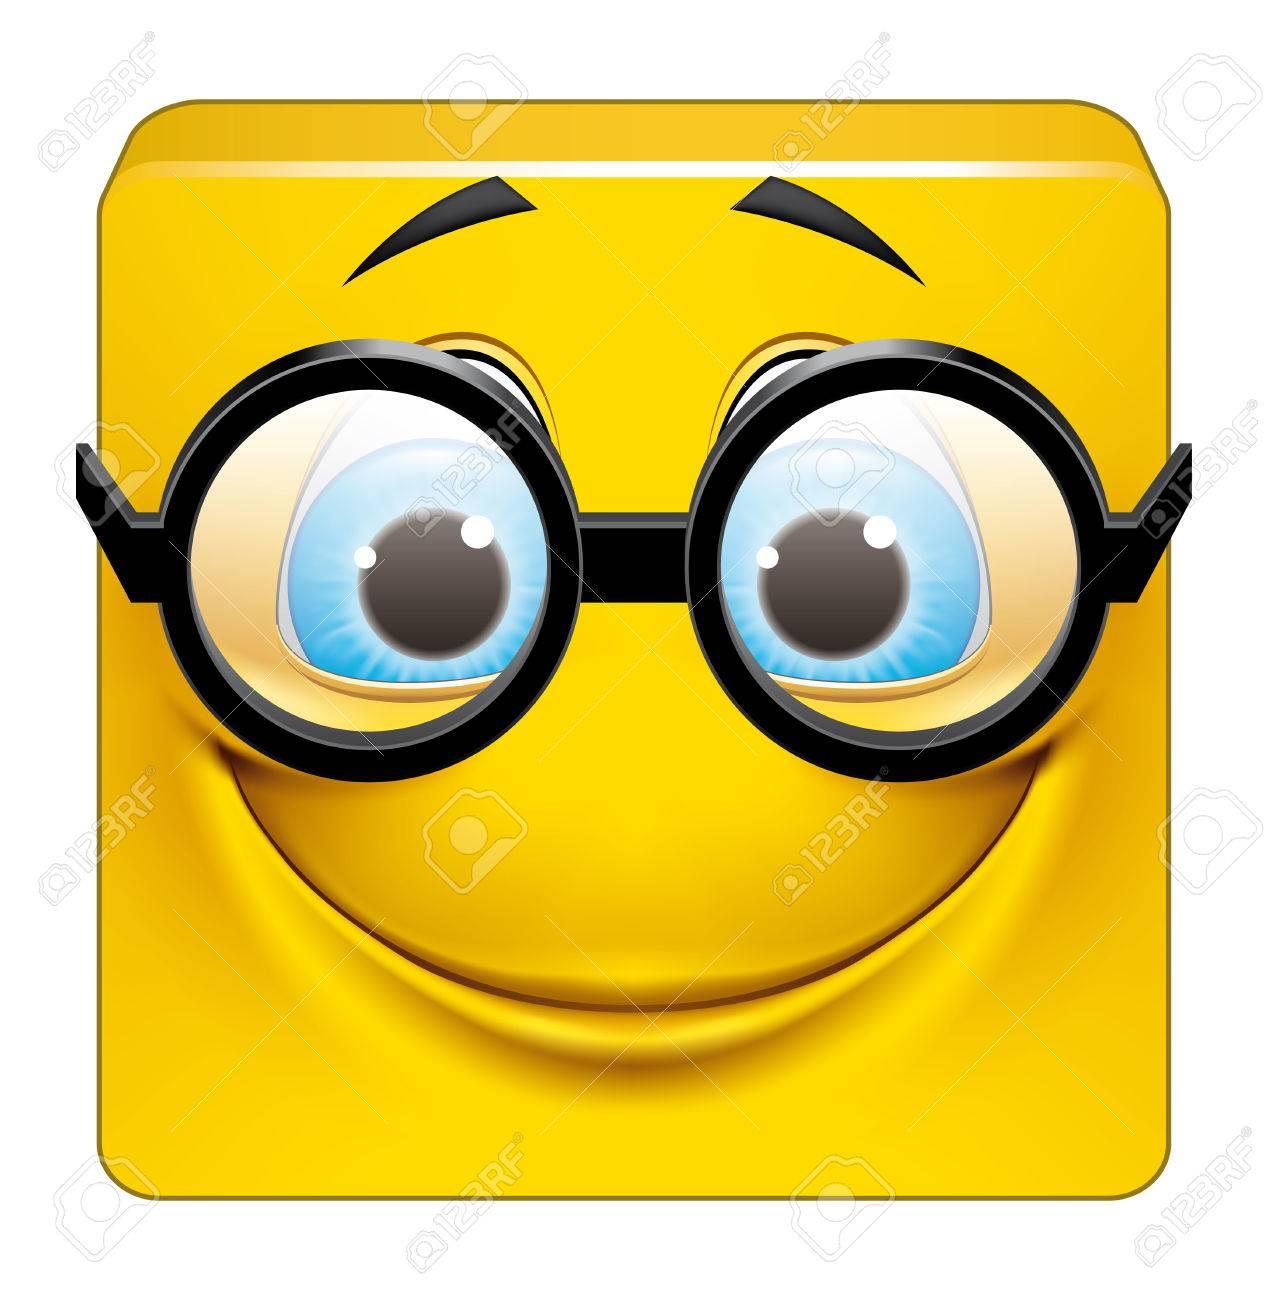 Les Petites Blagounettes bien Gentilles - Page 5 38353216-Illustration-sur-fond-blanc-d-motic-ne-carr-avec-de-grosses-lunettes-Banque-d'images